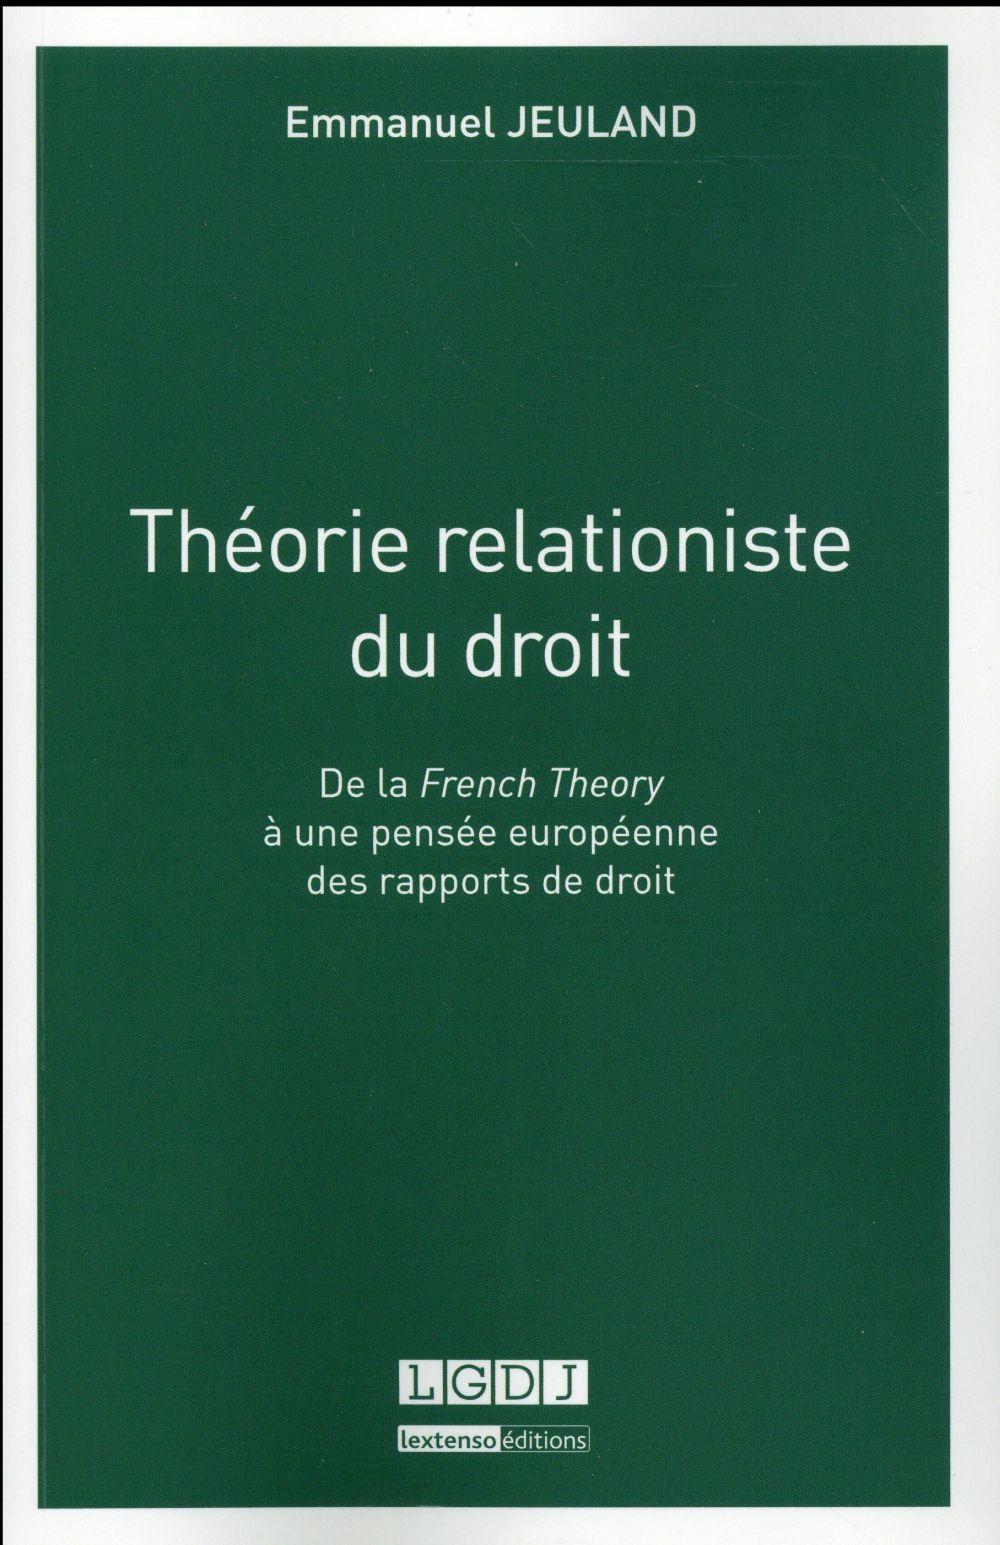 Théorie relationiste du droit ; de la french theory à une pensée européenne des rapports de droit